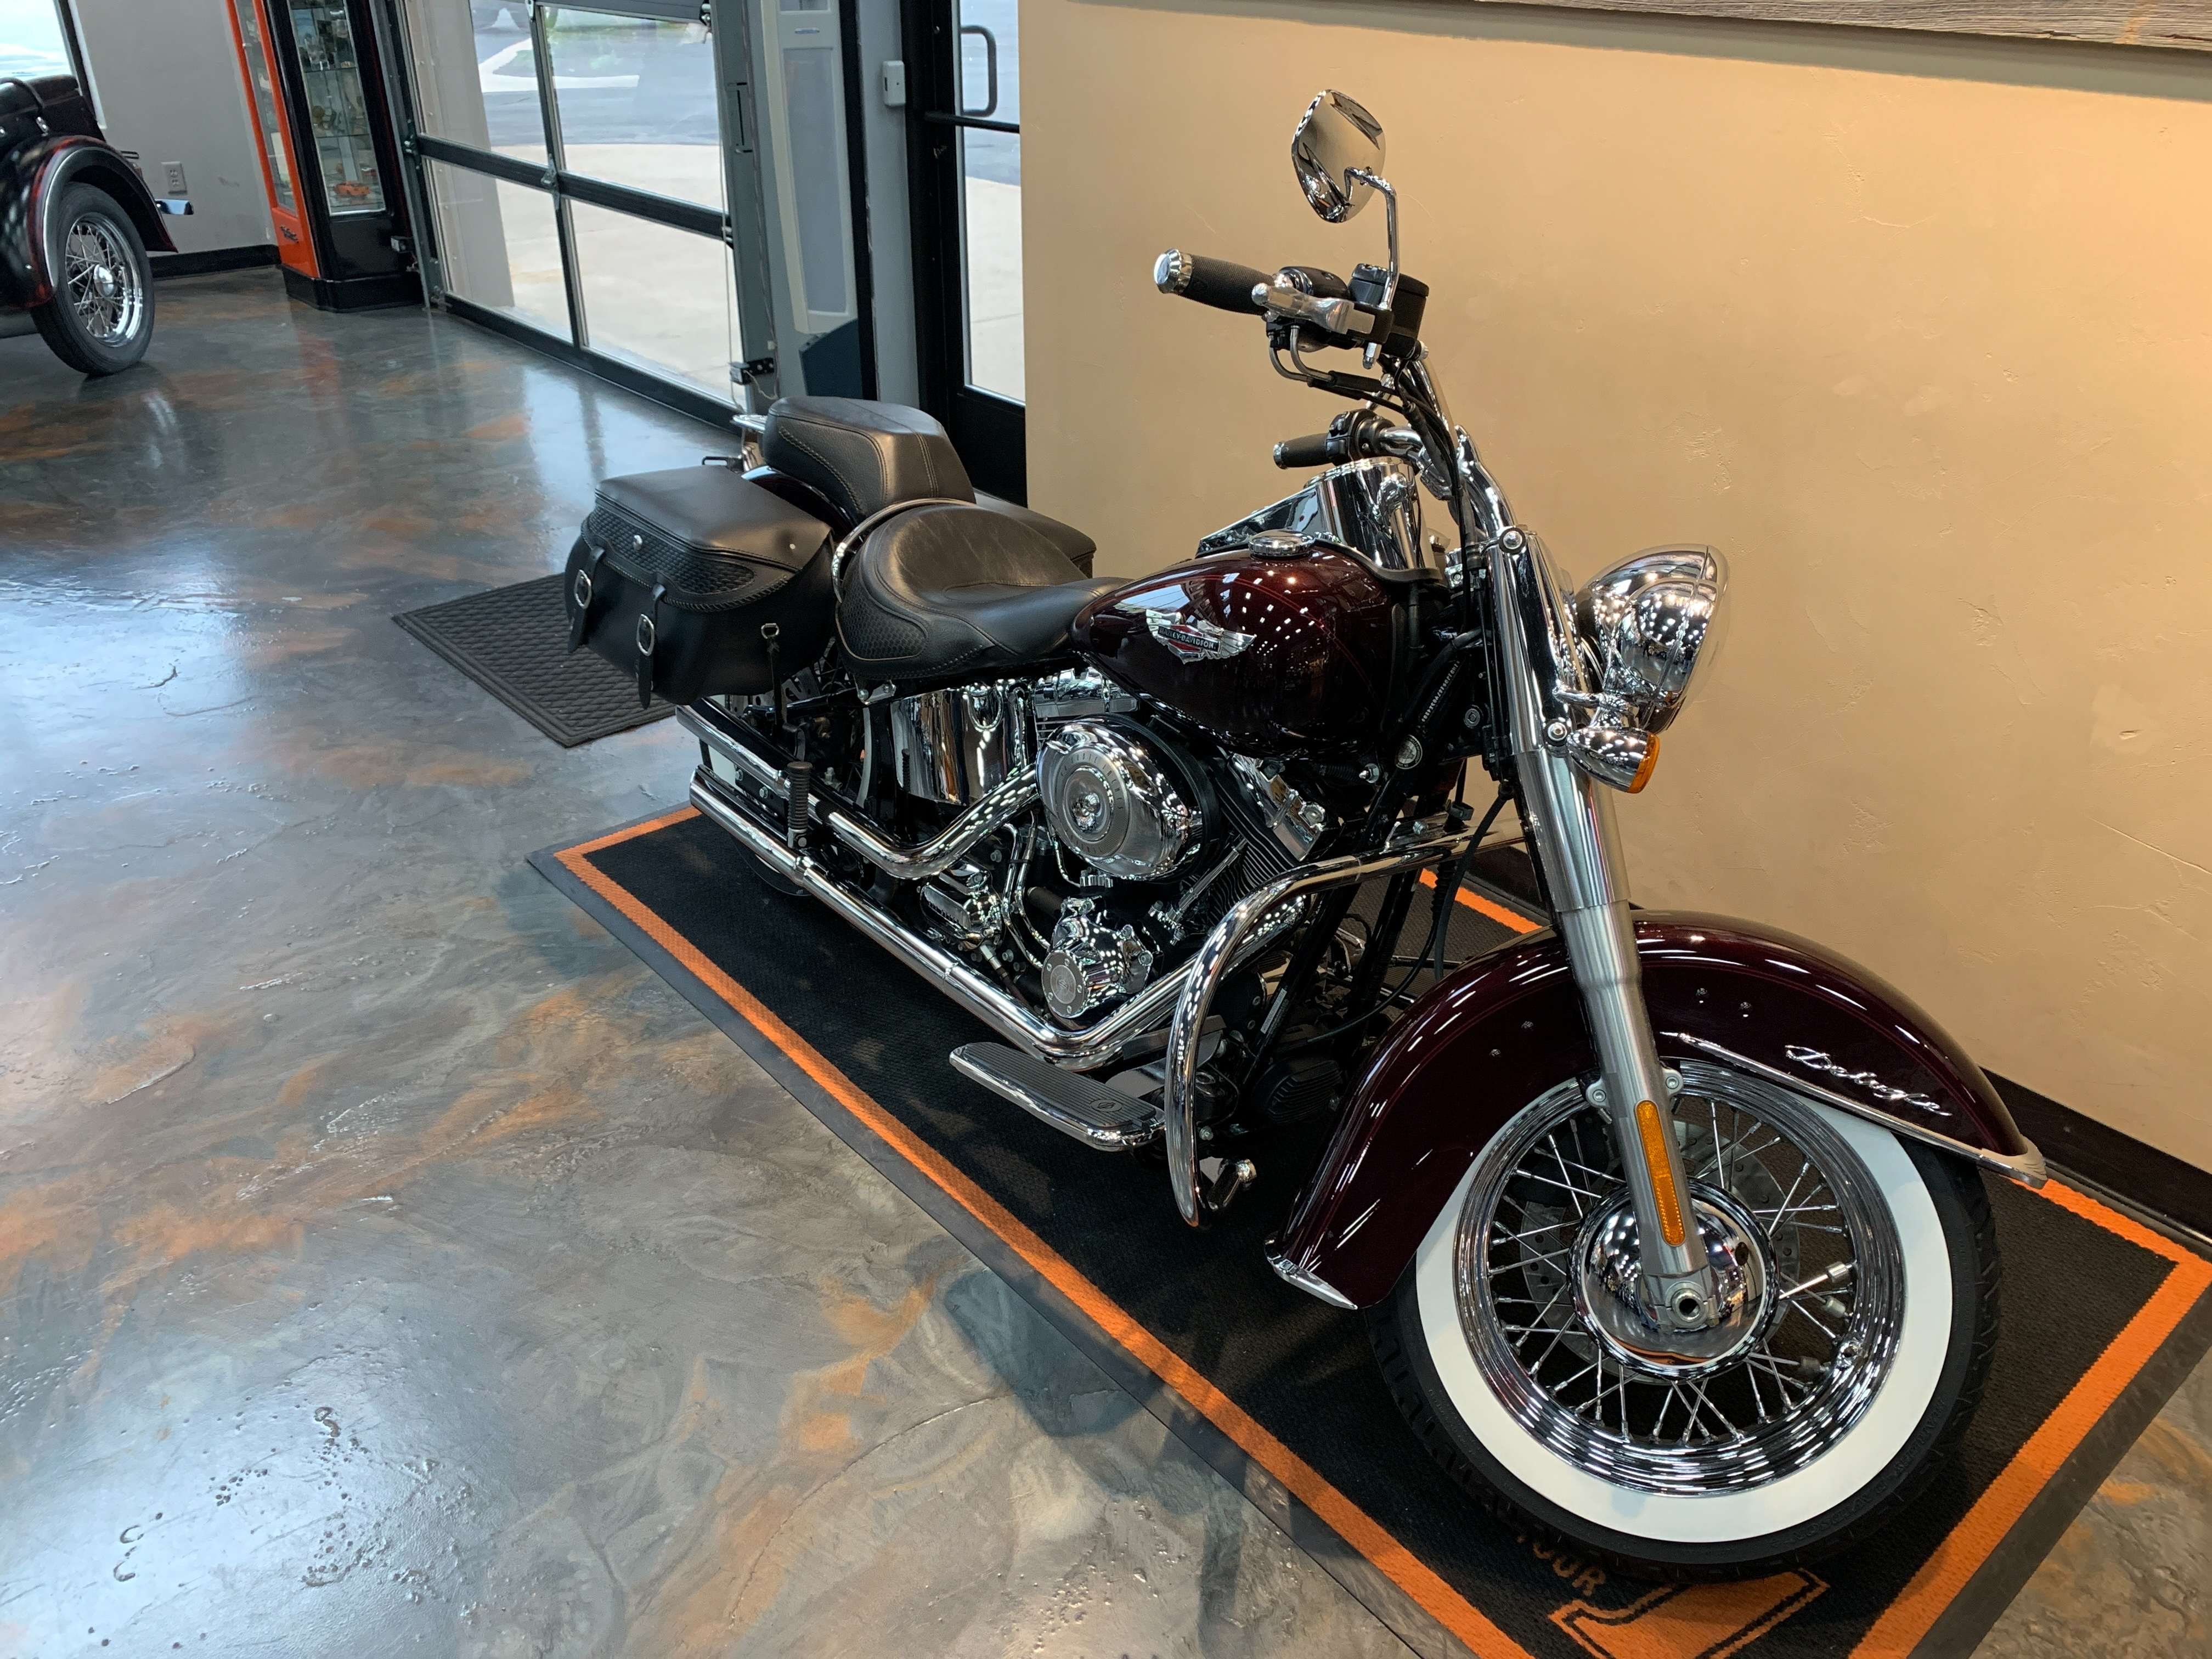 2007 Harley-Davidson Softail Deluxe at Vandervest Harley-Davidson, Green Bay, WI 54303